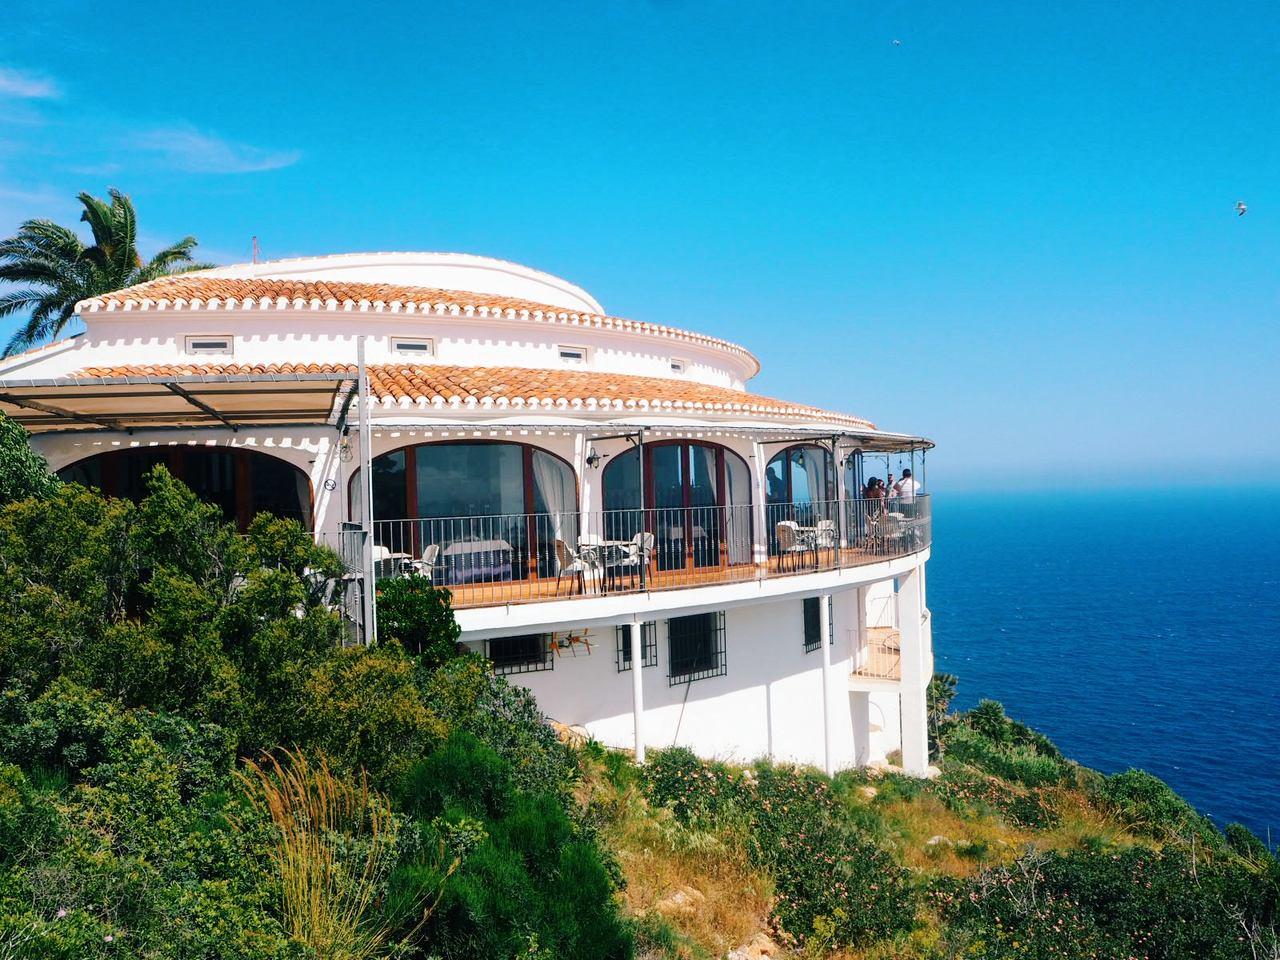 Vista do Restaurante Mirador de Jávea - Costa Blanca